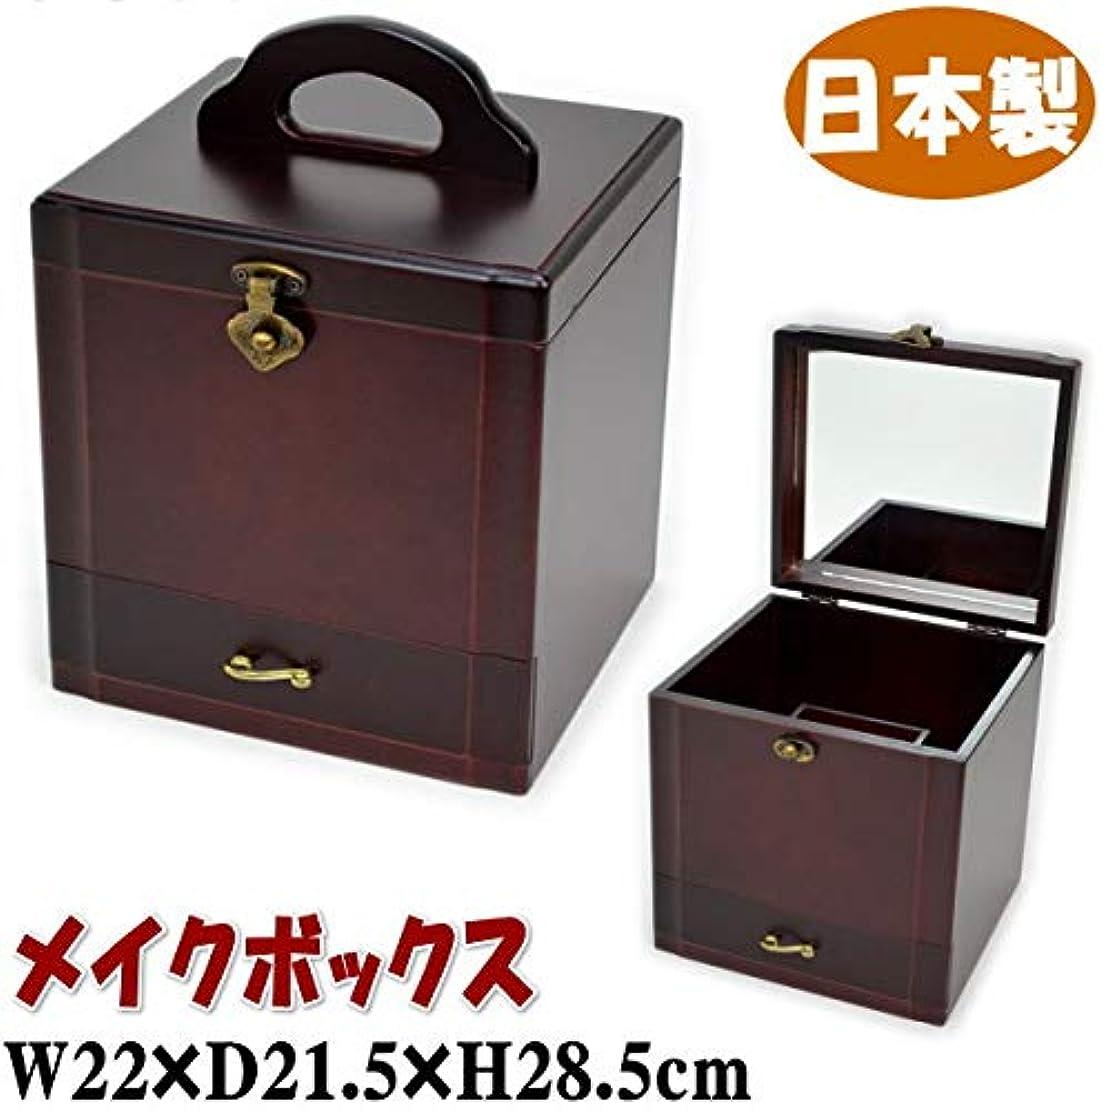 偏見スラムその後メイクボックス 木製 ワイン ブラウン 日本製(おしゃれ コスメボックス メークボックス 鏡 収納